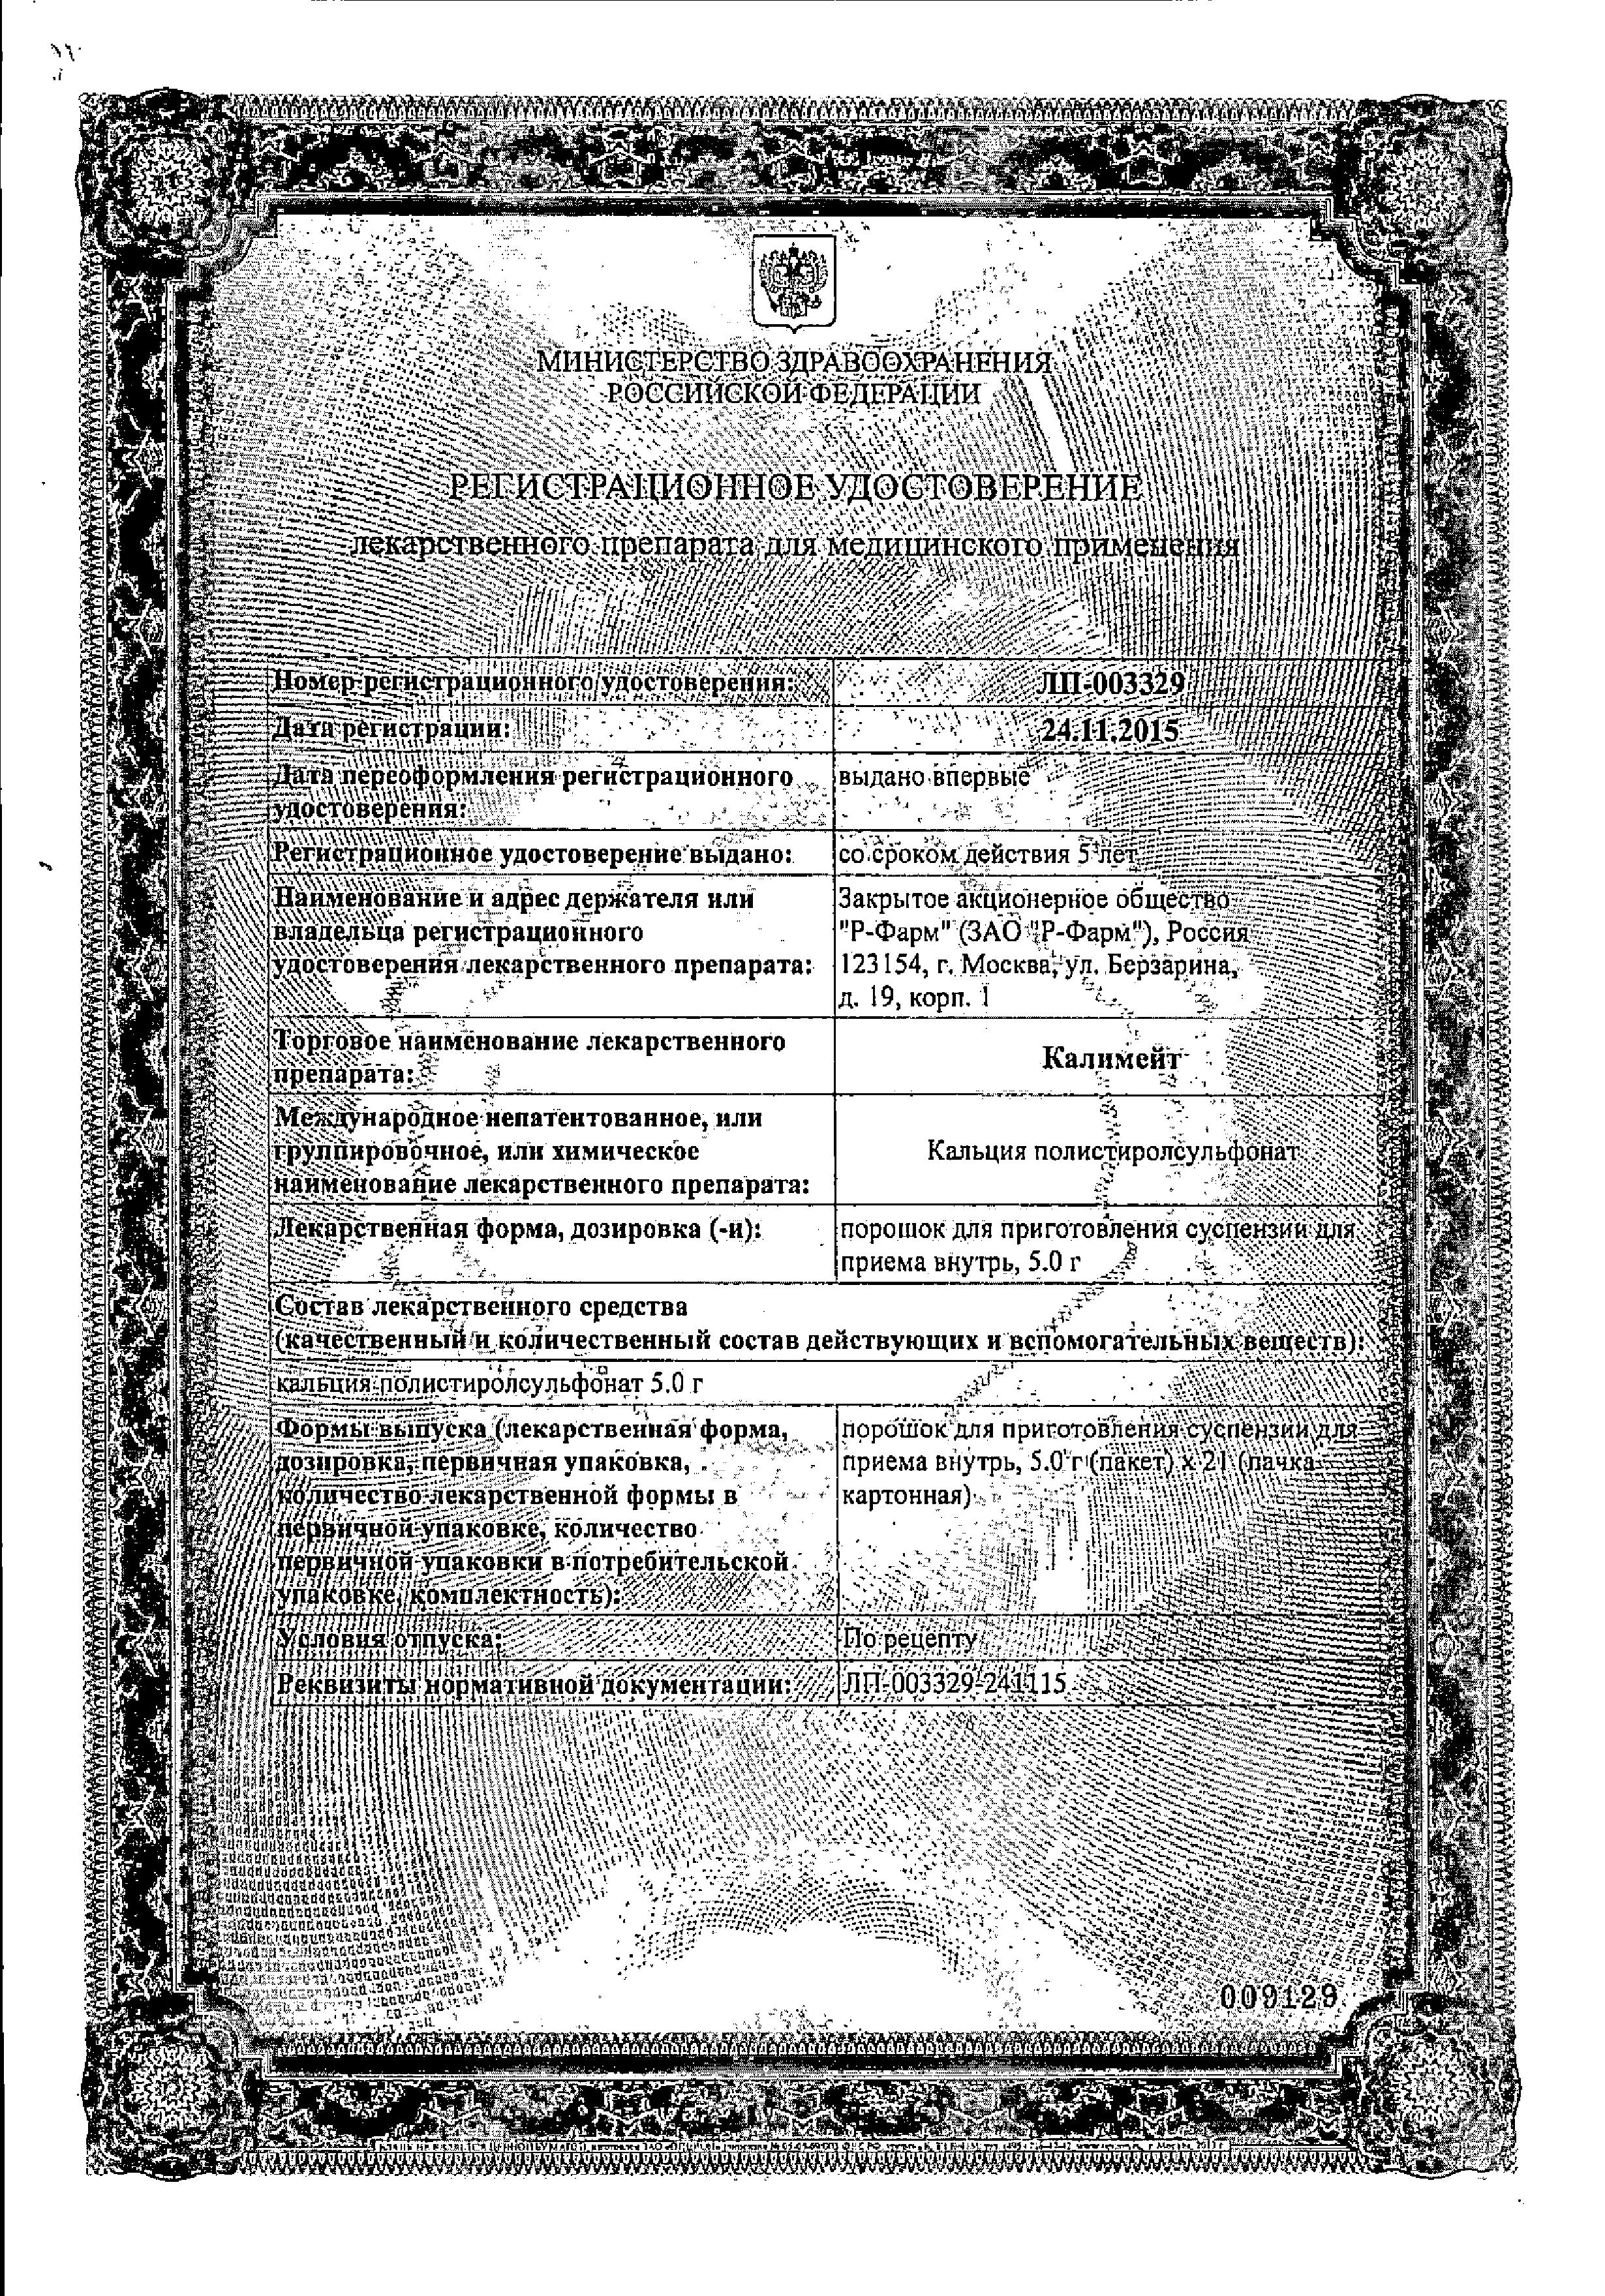 Калимейт сертификат